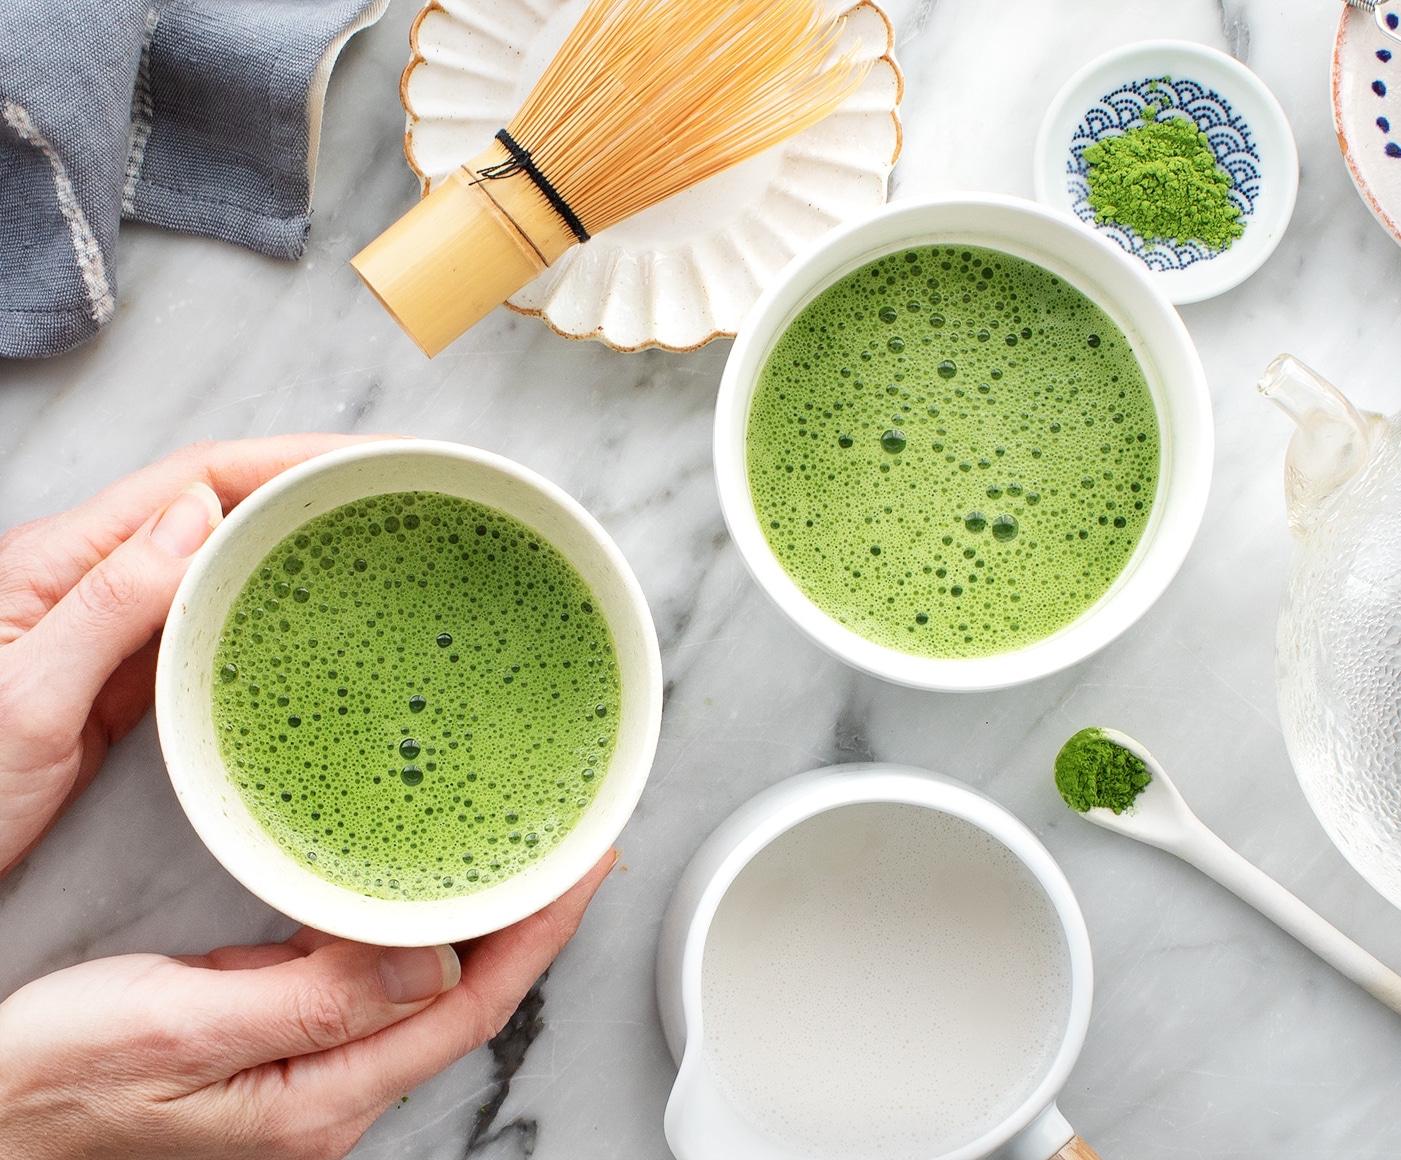 """Chống già theo cách người Nhật: Mỗi ngày đều uống loại nước này, mỡ bụng """"teo tóp"""" hết, da dẻ được hồi sinh trắng nõn cân hết các dòng chống lão hóa da - Ảnh 5."""